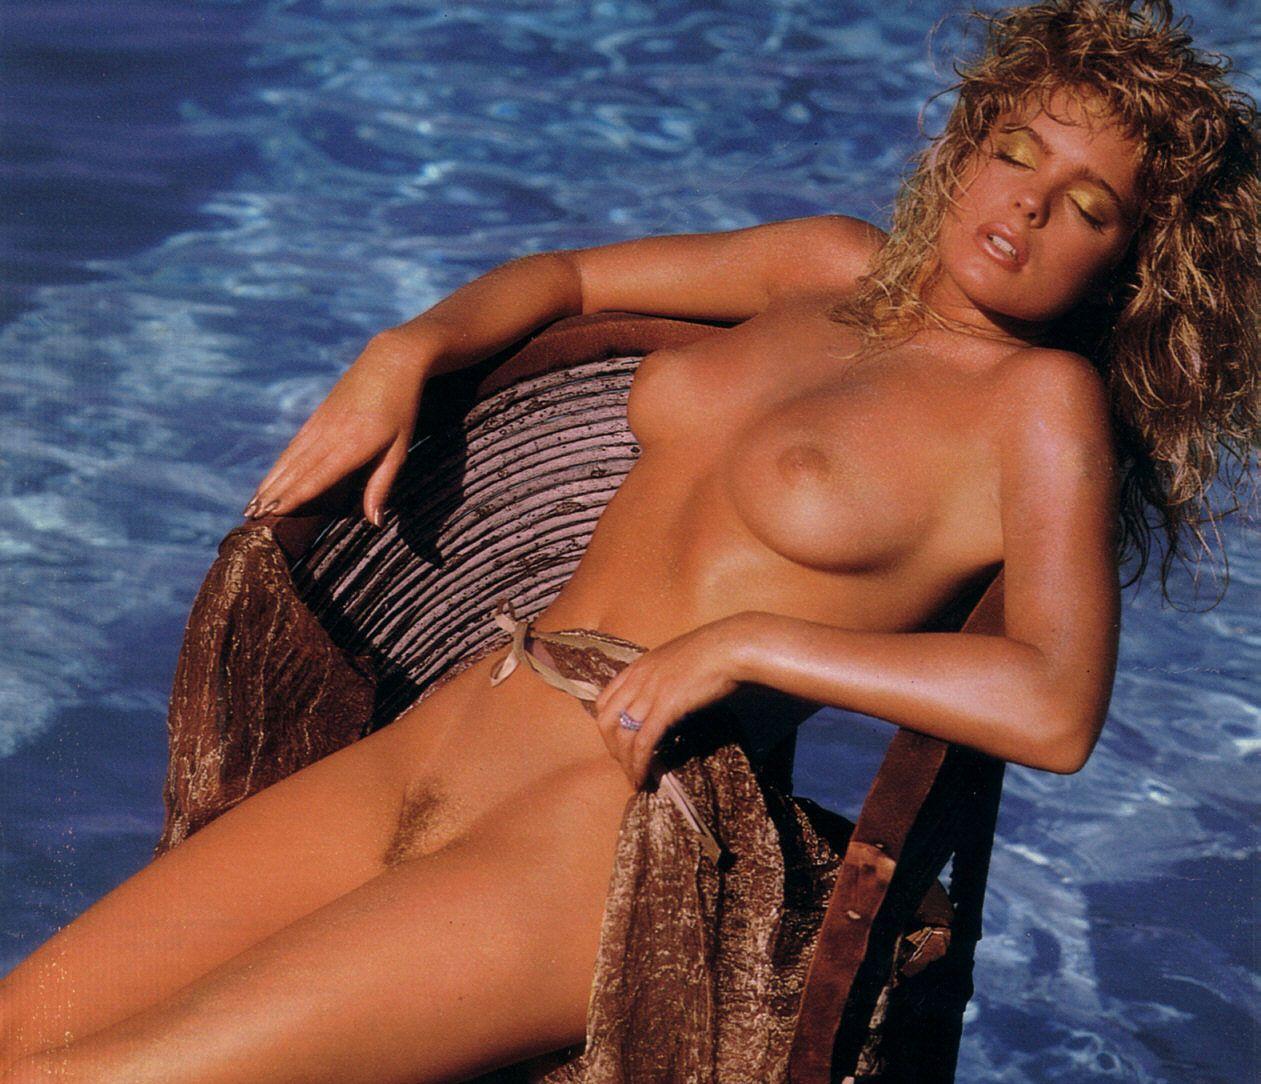 Erika eleniak naked photos